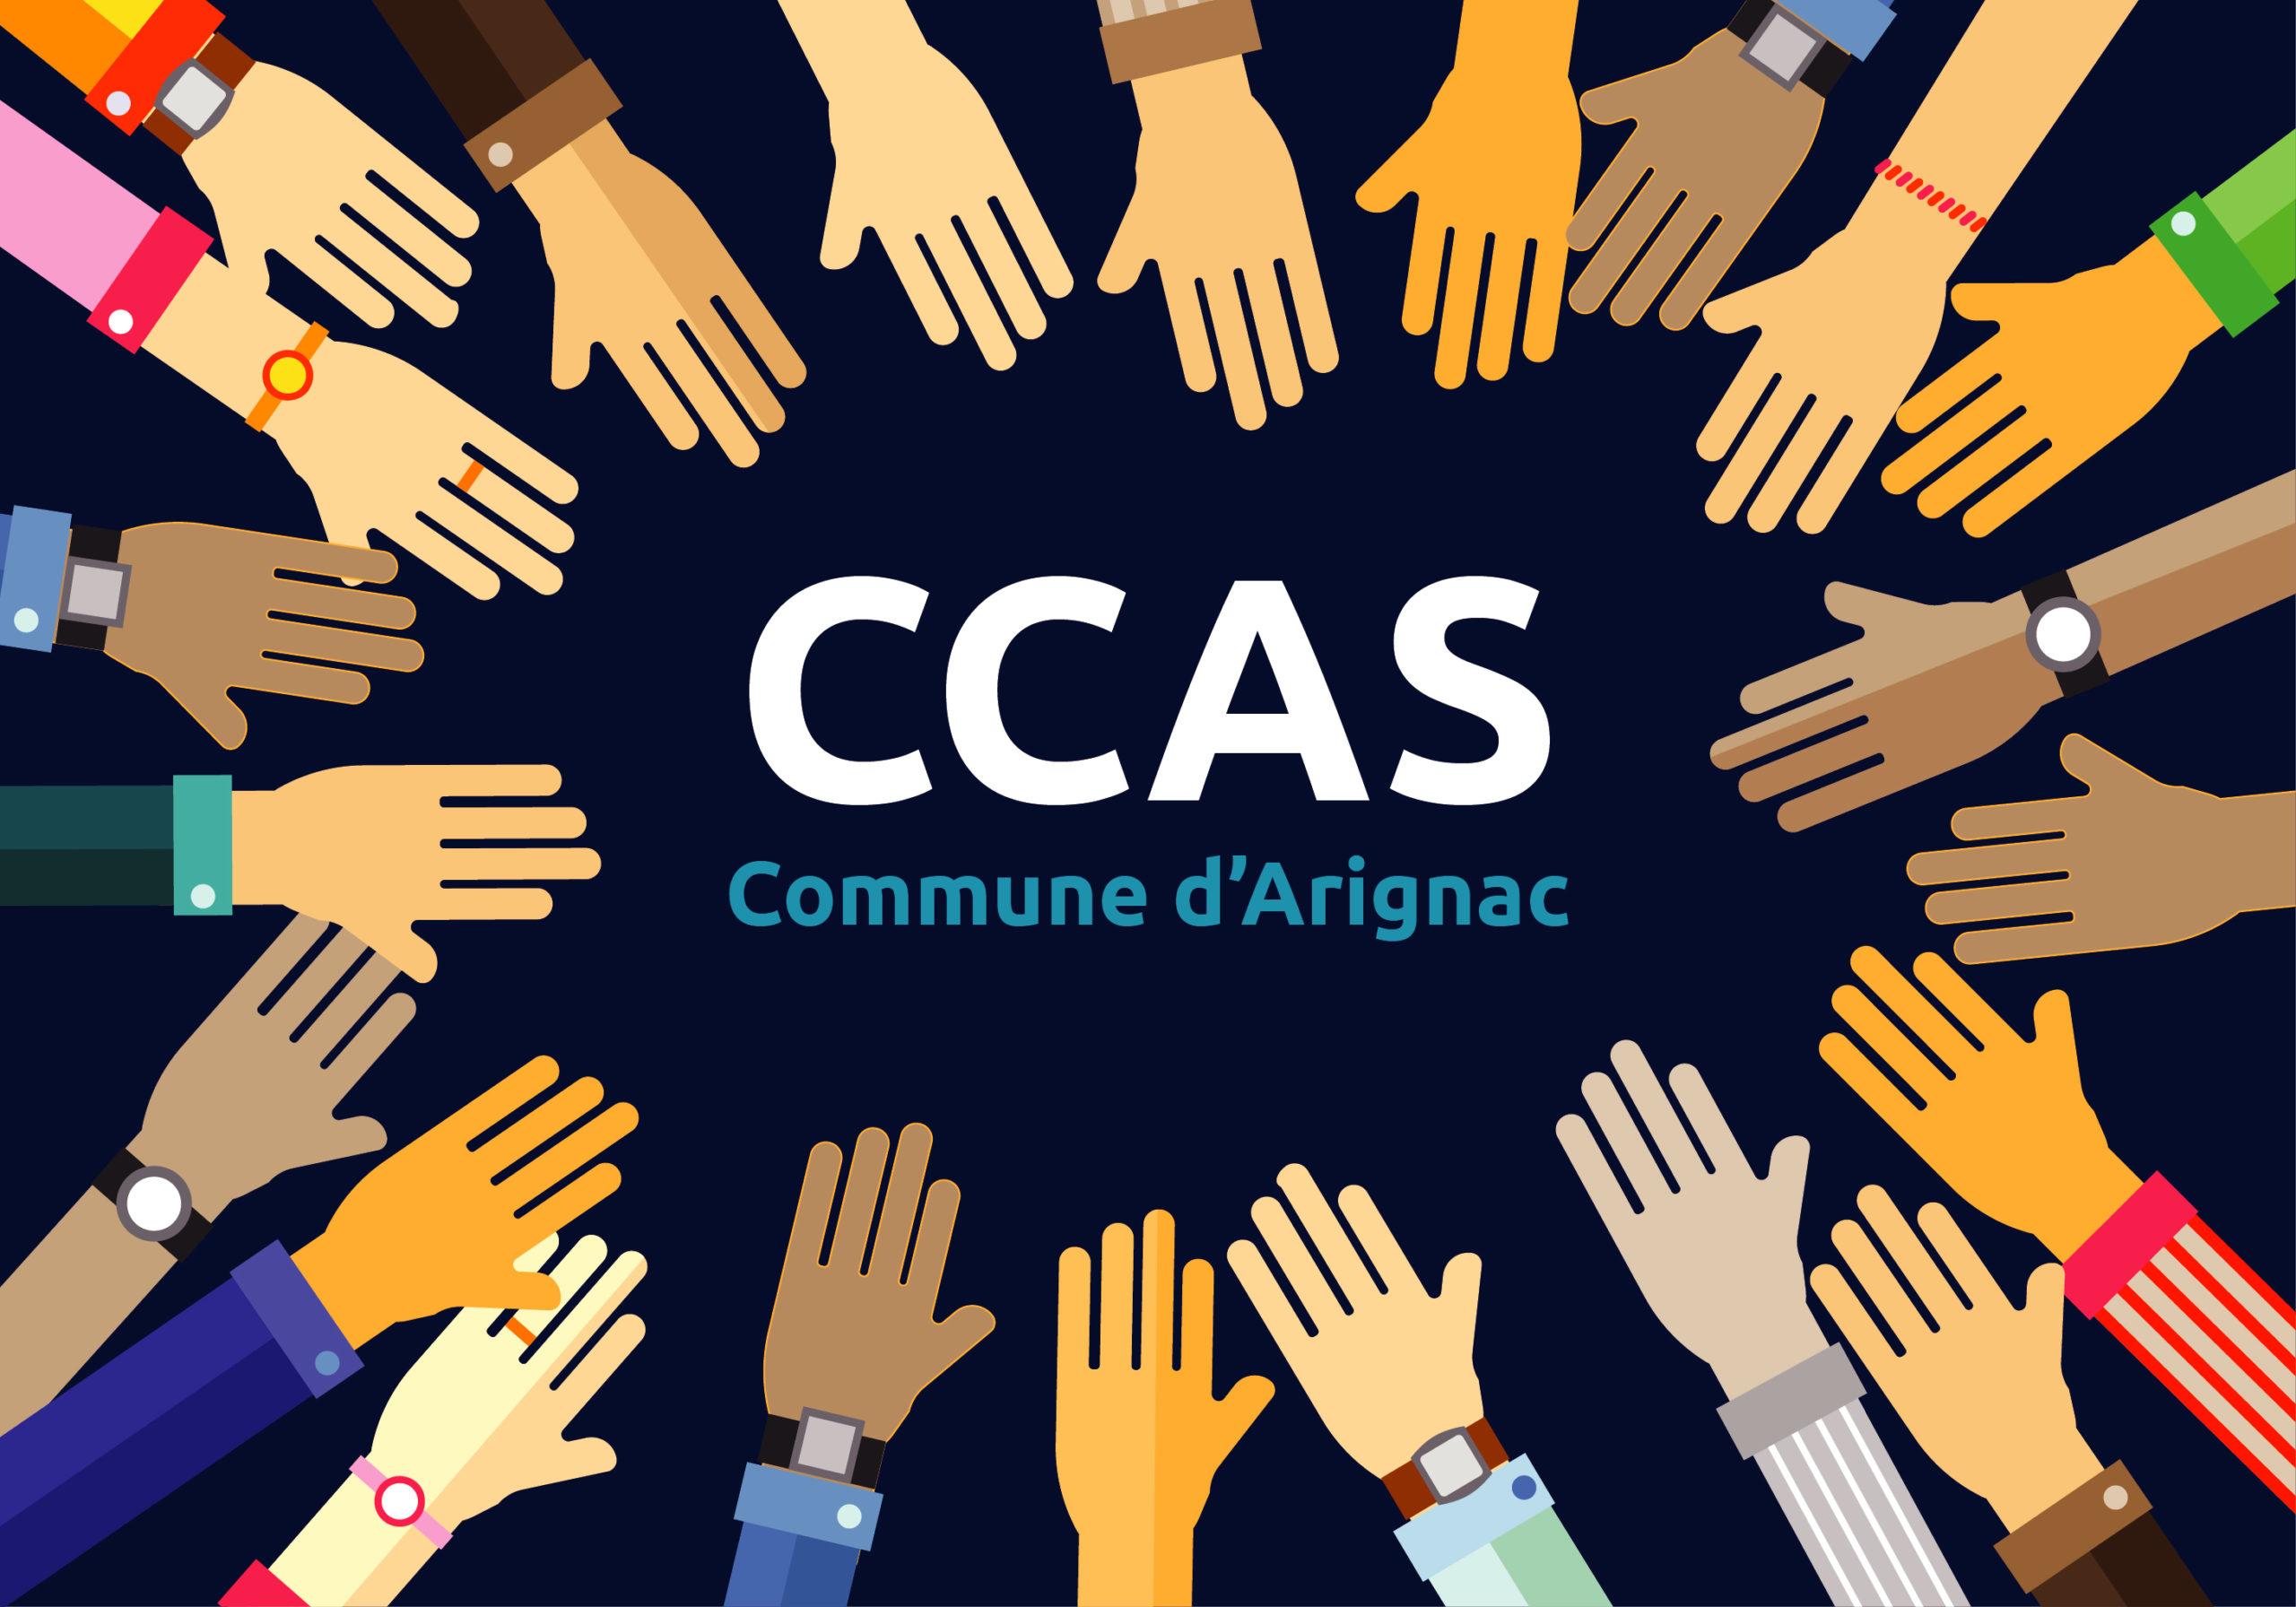 Image illustration CCAS Arignac